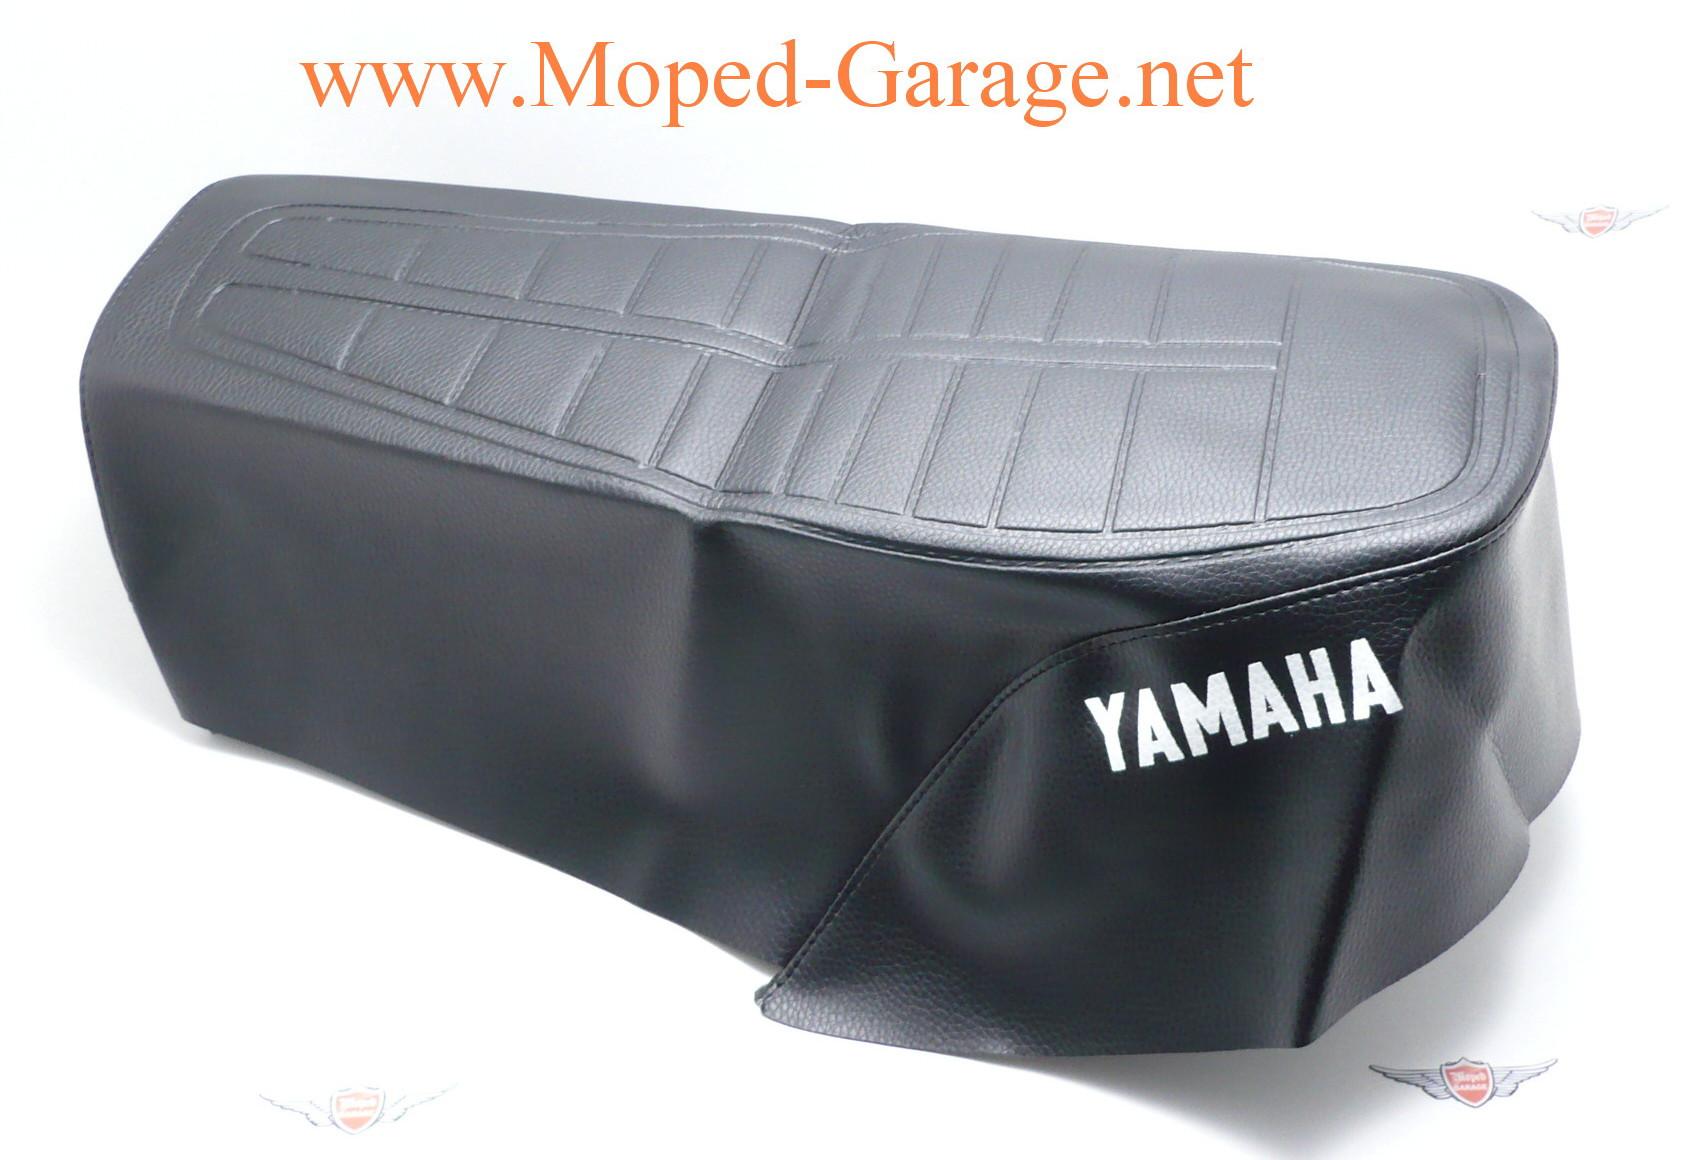 moped yamaha dt 50 mx sitzbank bezug schwarz. Black Bedroom Furniture Sets. Home Design Ideas